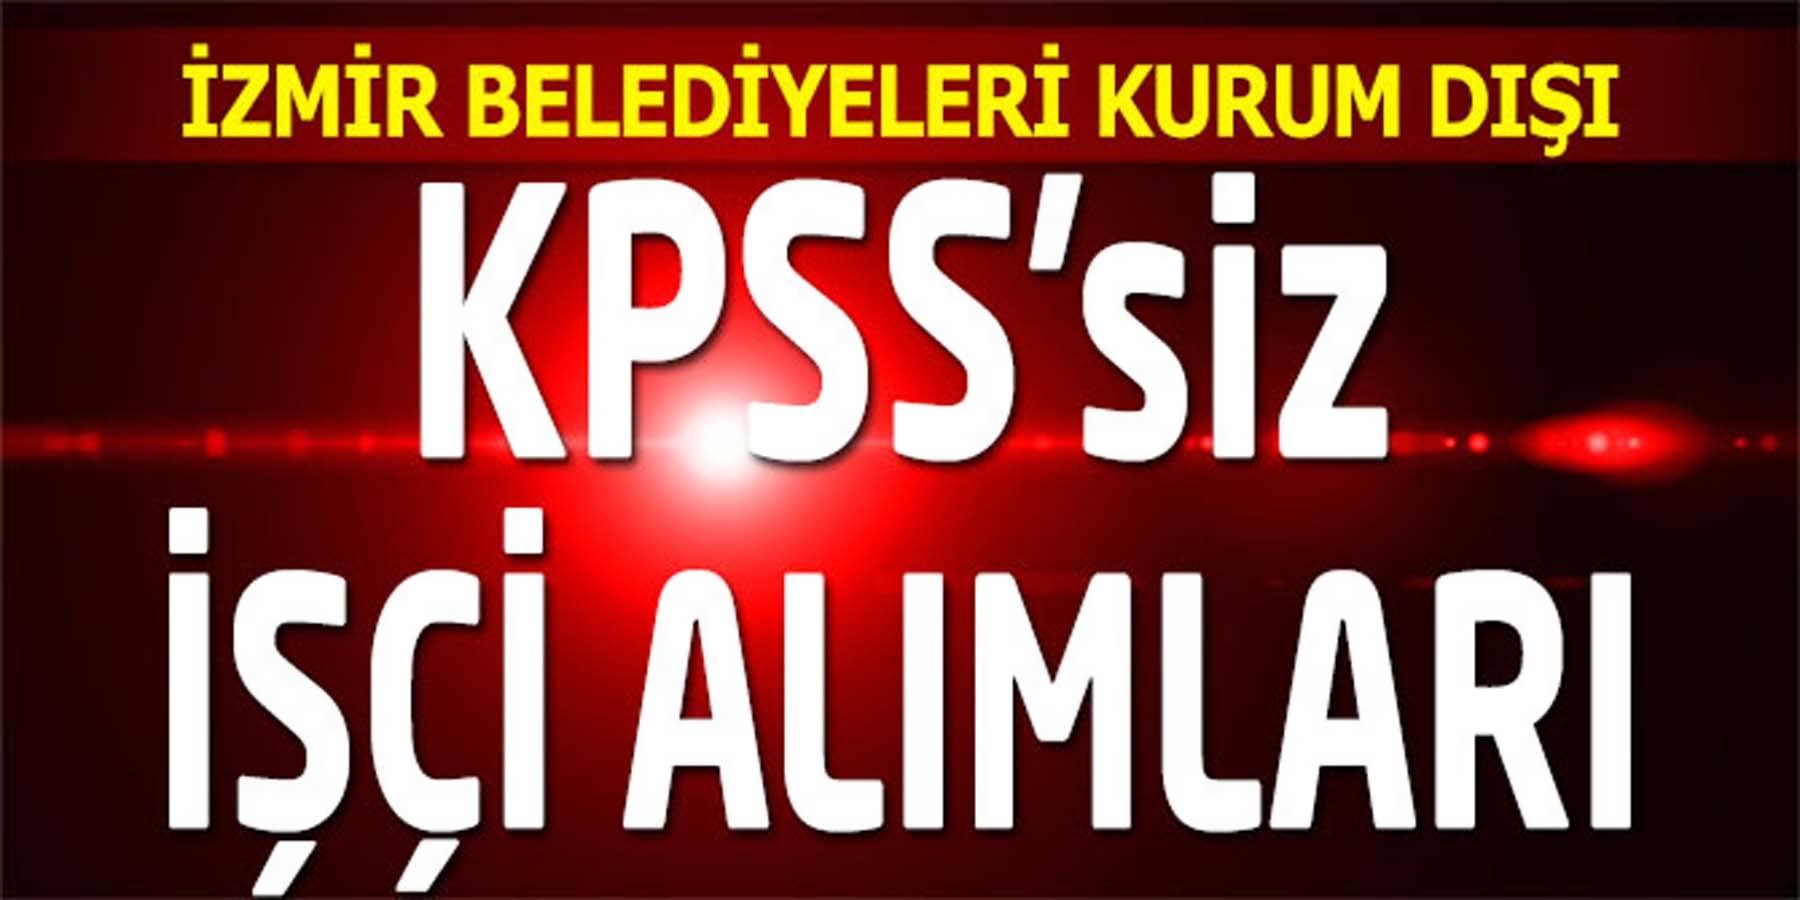 İzmir Belediyeleri KPSS'siz Kurum Dışı Kamu İşçi Alımları